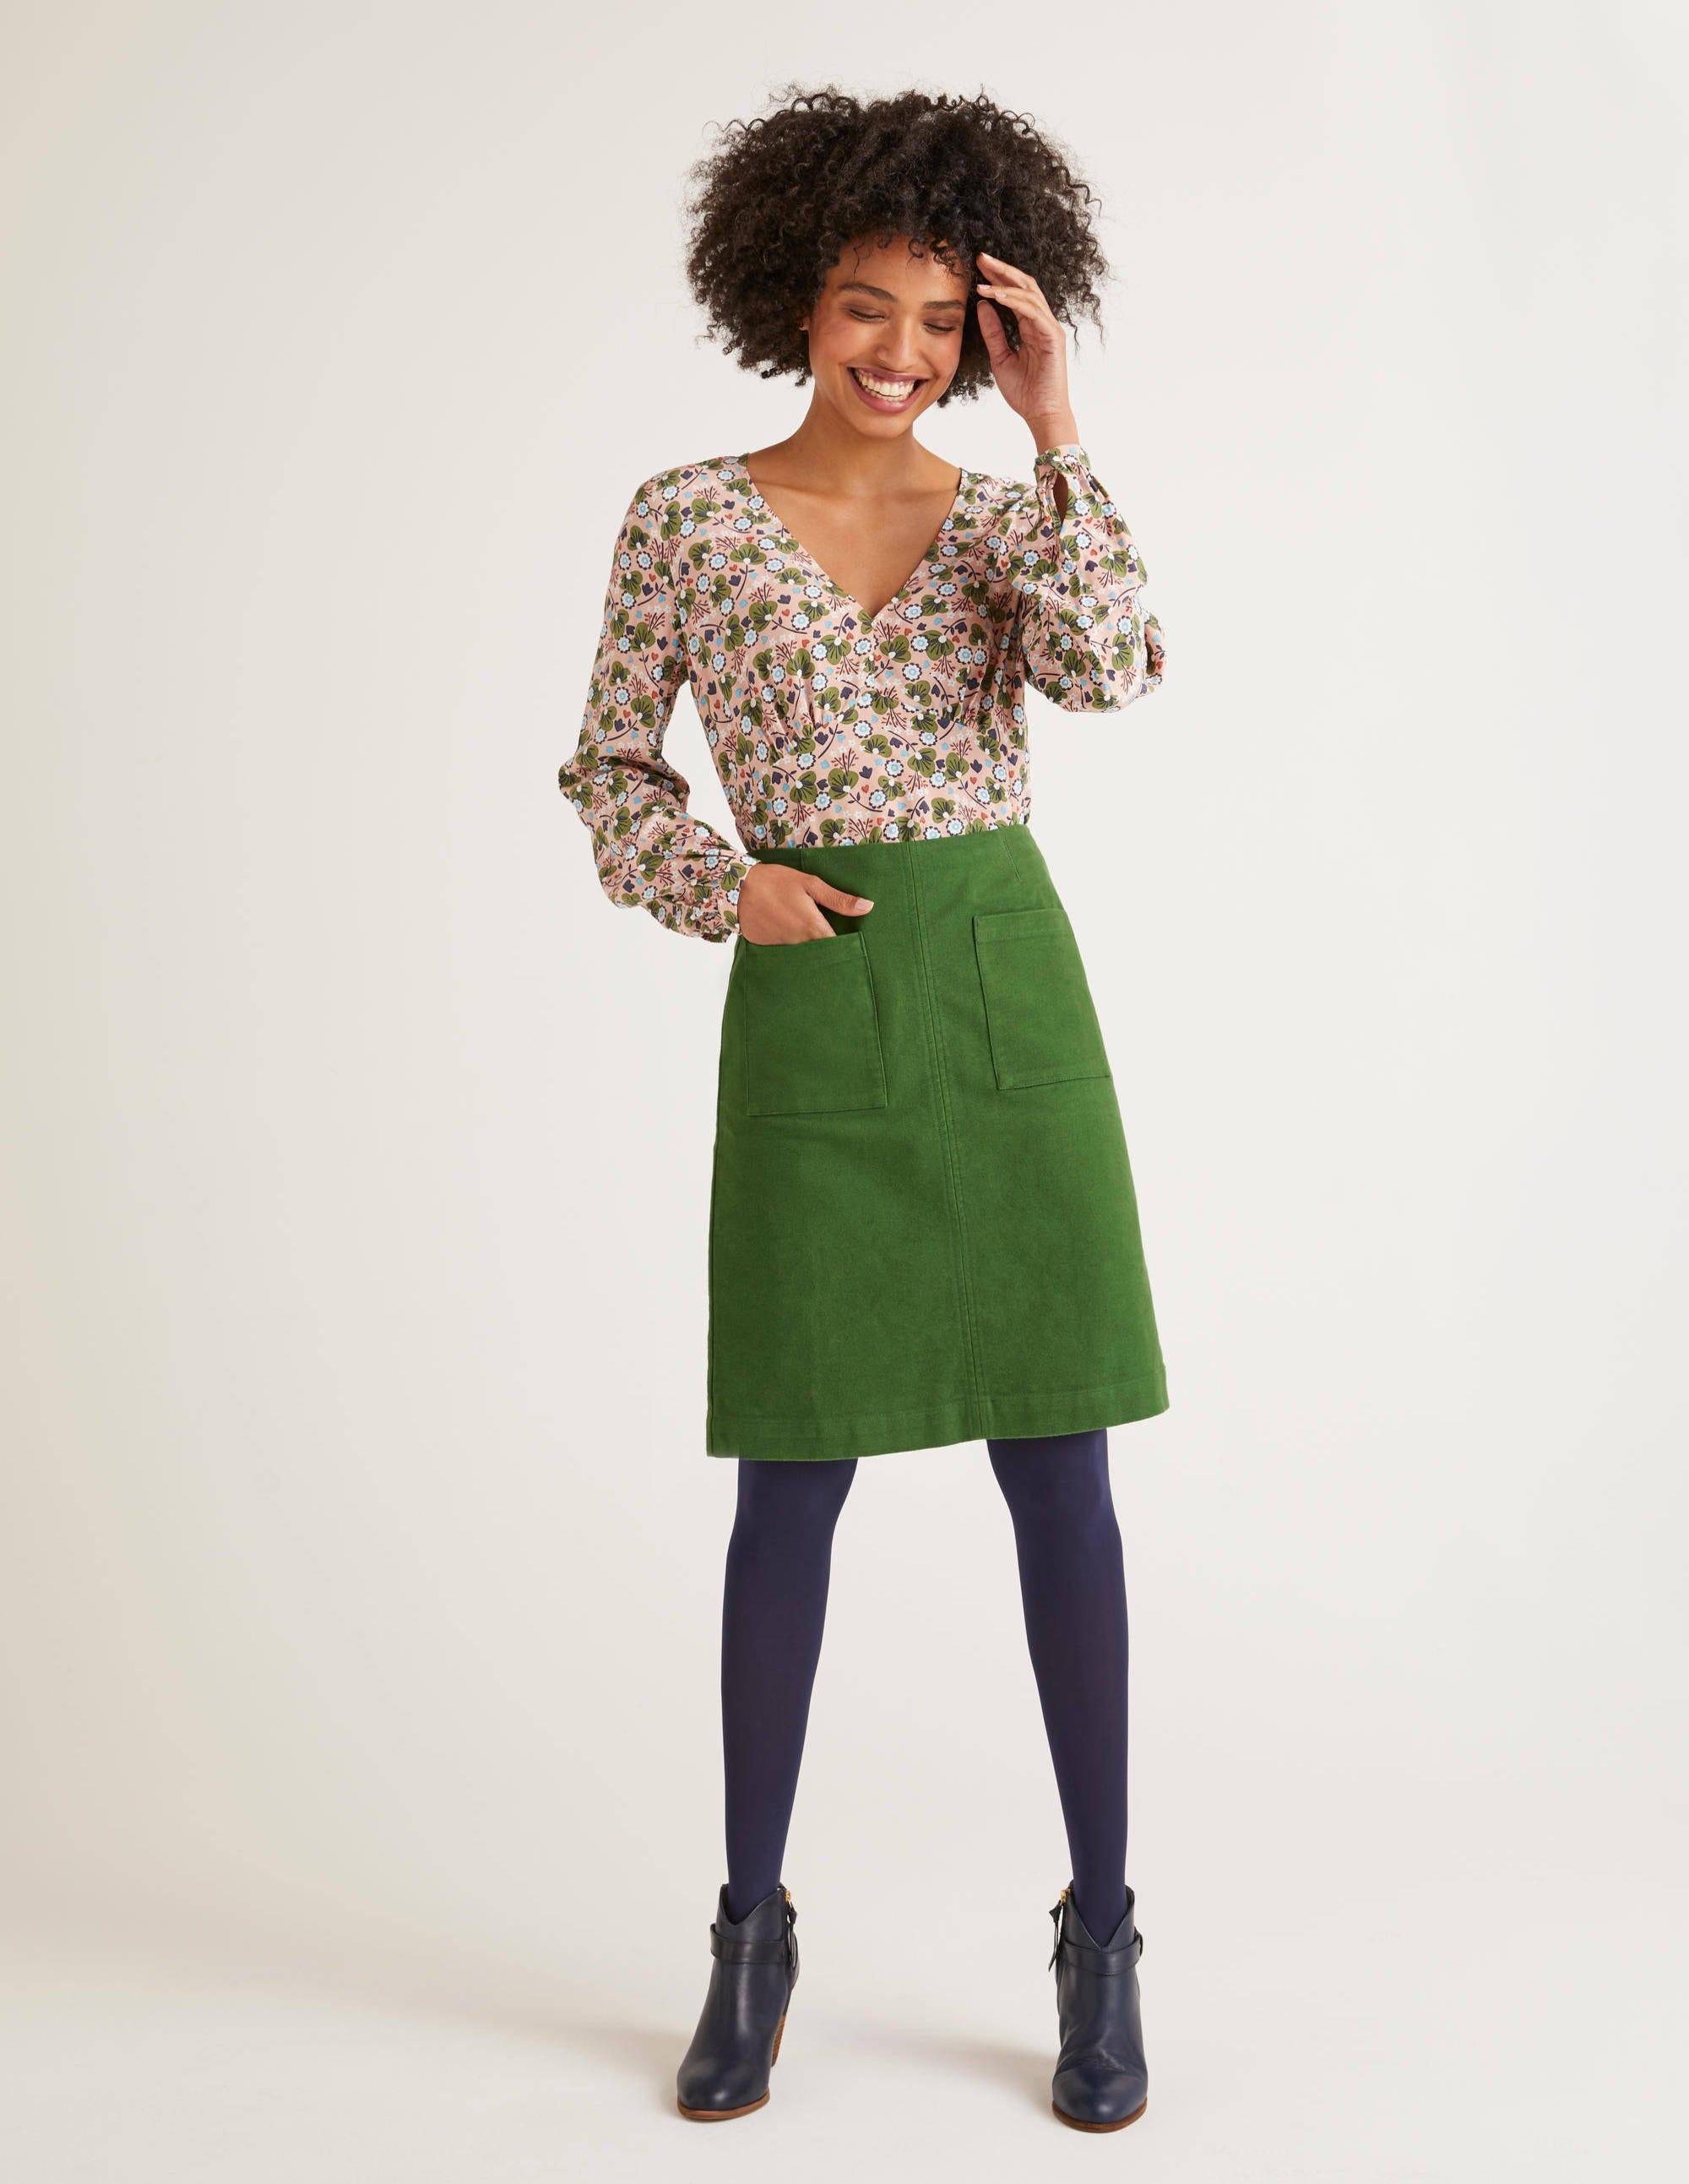 Boden Bay Mini Skirt - Broad Bean